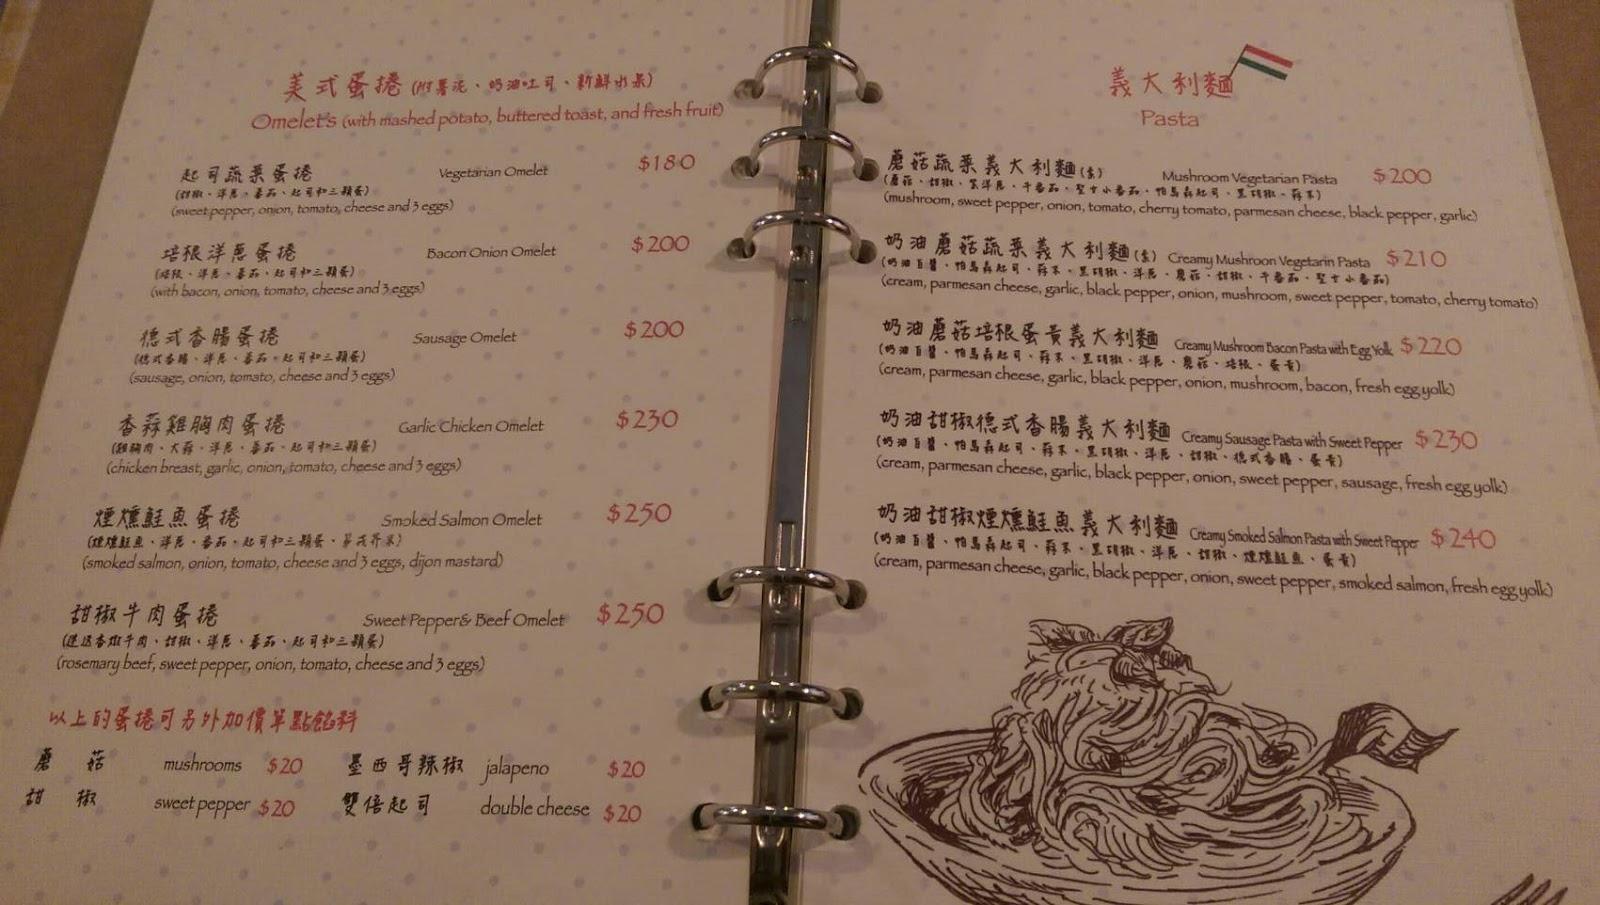 Chelsea's雀兒小餐館 菜單